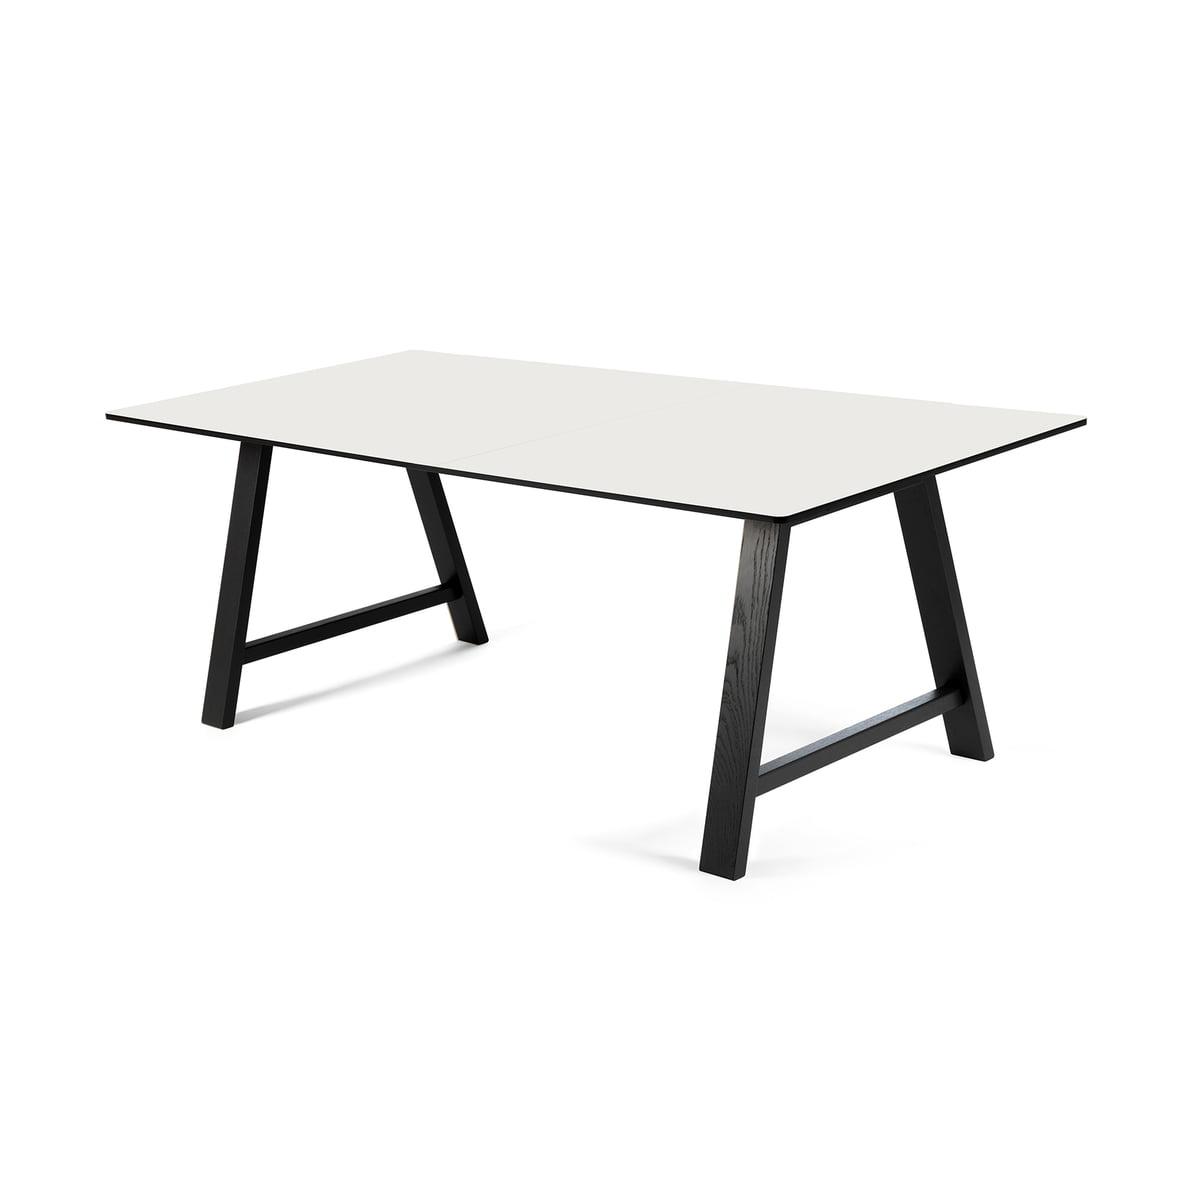 Andersen Furniture - T1 Ausziehtisch 160cm, Eiche schwarz / Laminat weiß | Baumarkt > Bodenbeläge | Schwarz/weiß | Andersen Furniture